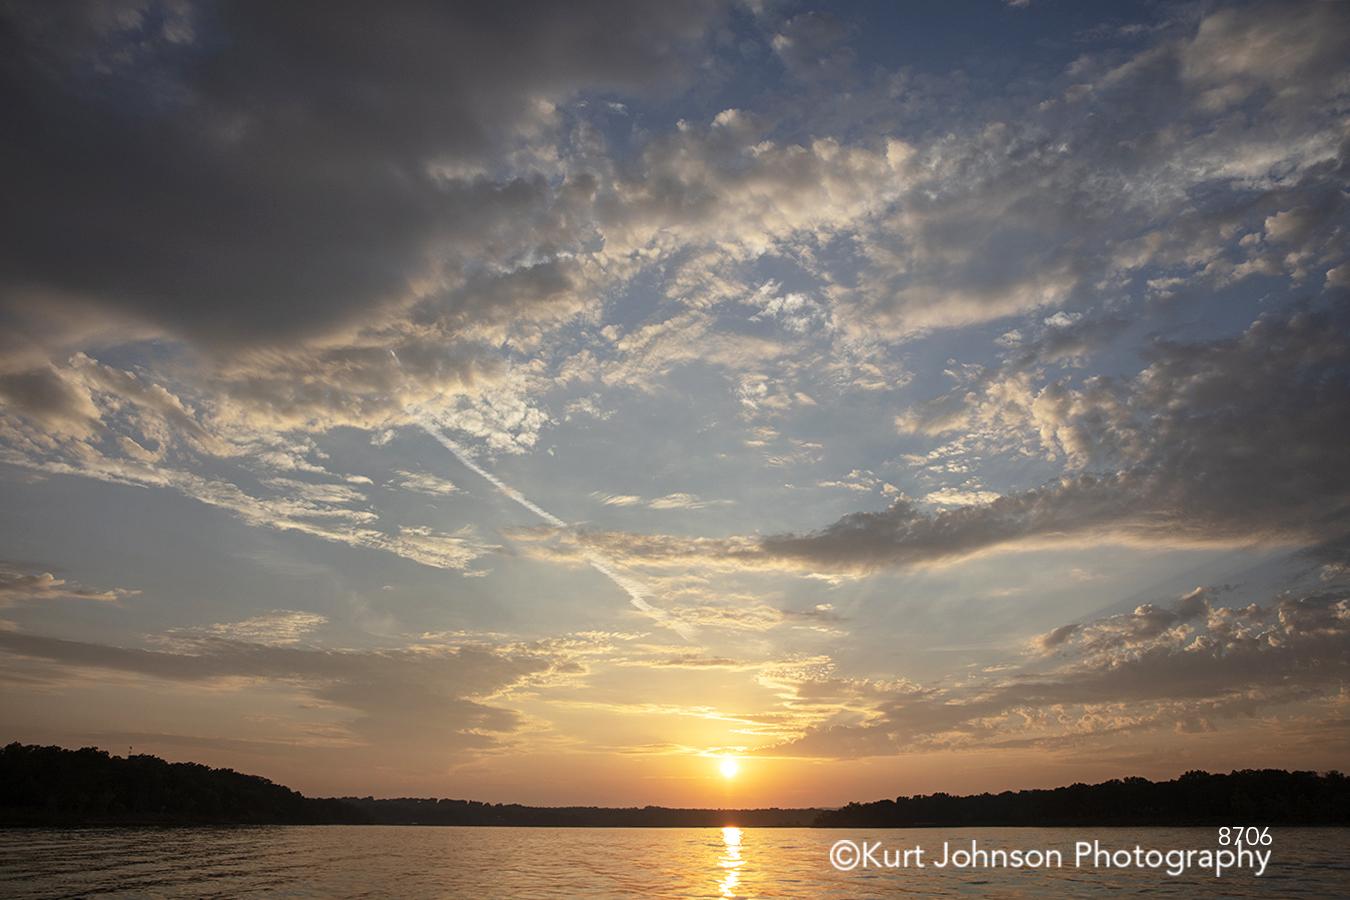 waterscape sunset orange sun sky clouds landscape